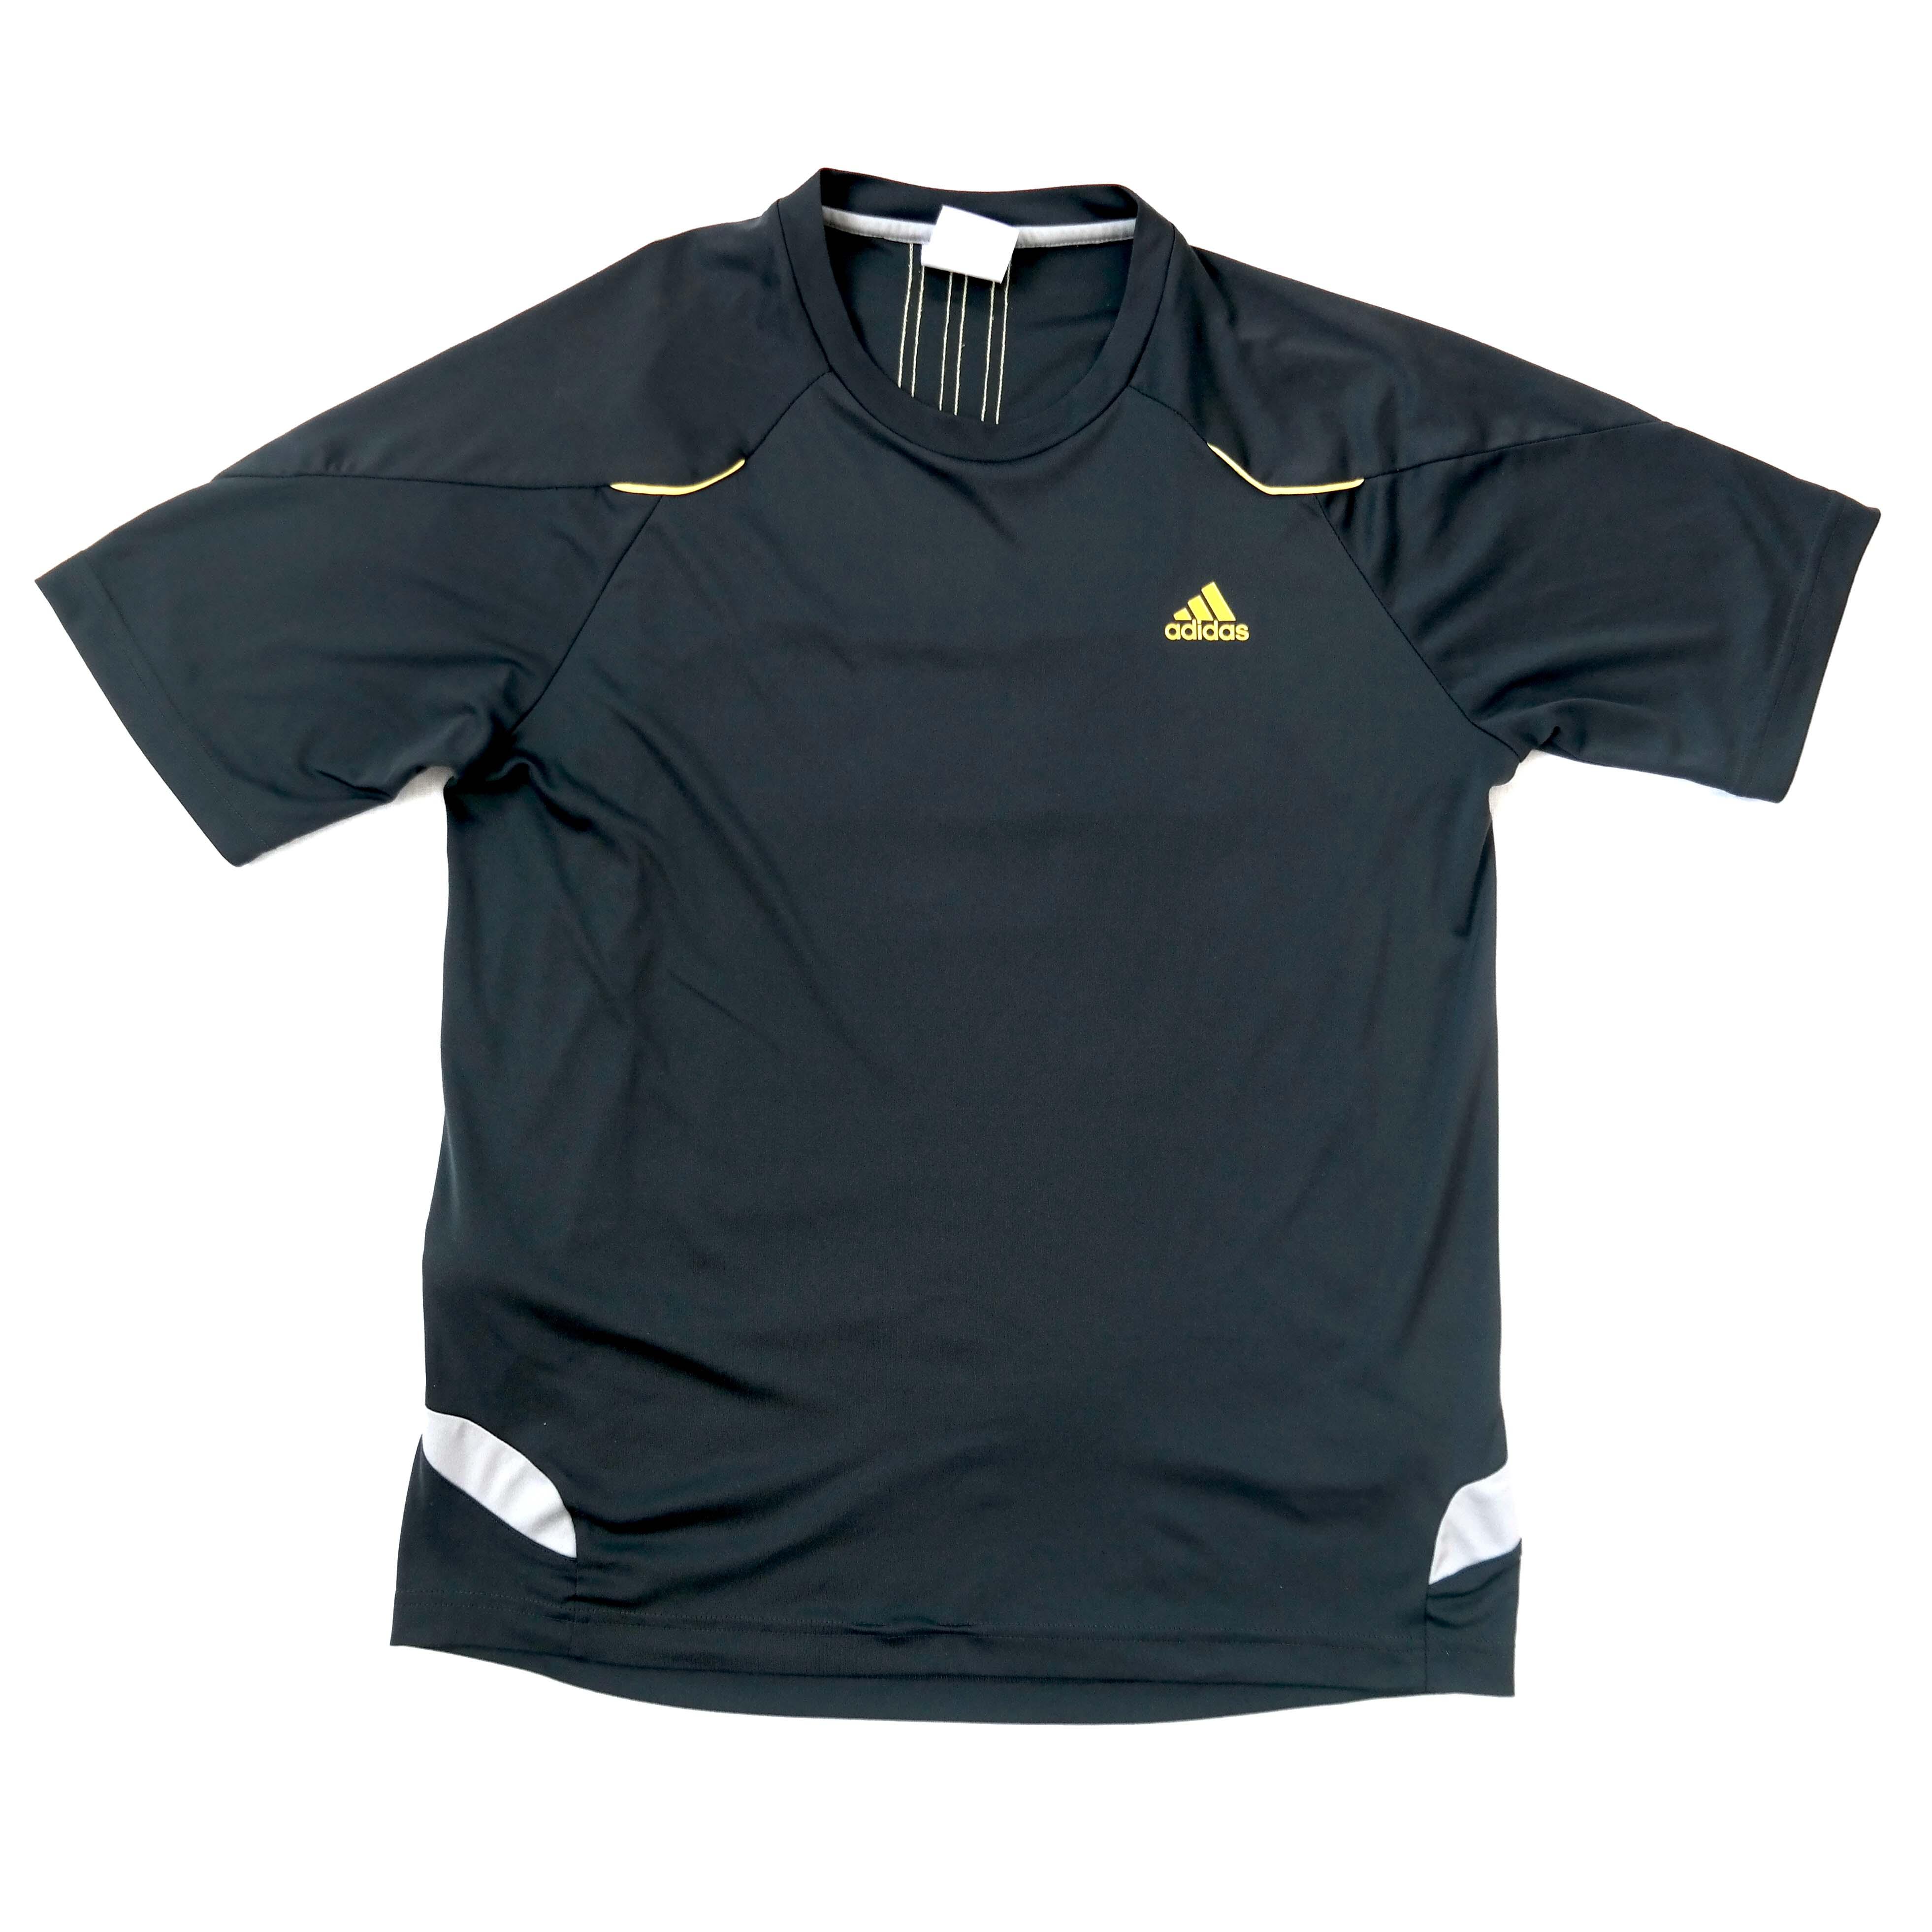 Мужская спортивная футболка Adidas в Москве